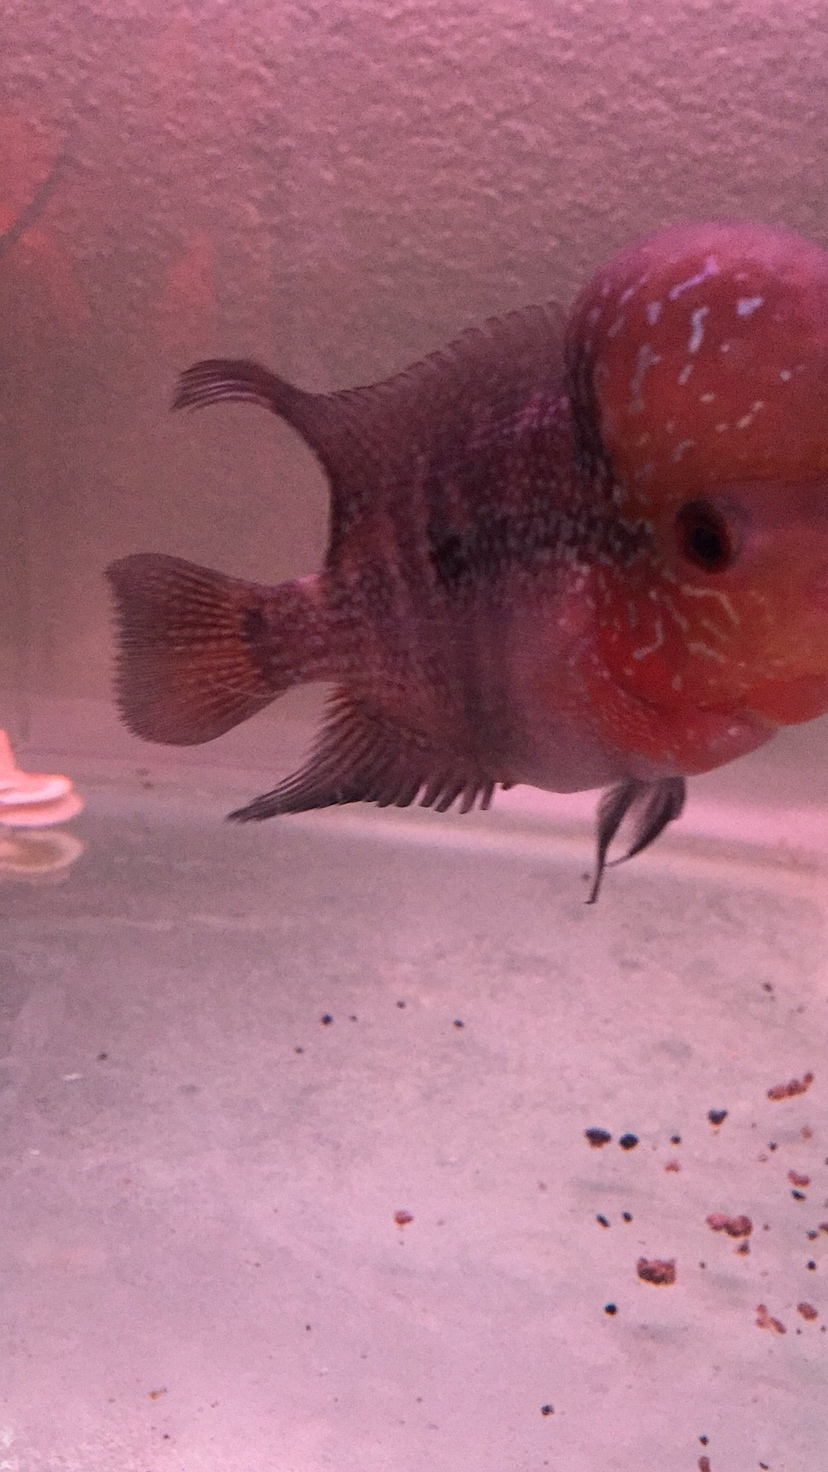 鱼儿漂亮吧 西安观赏鱼信息 西安博特第3张